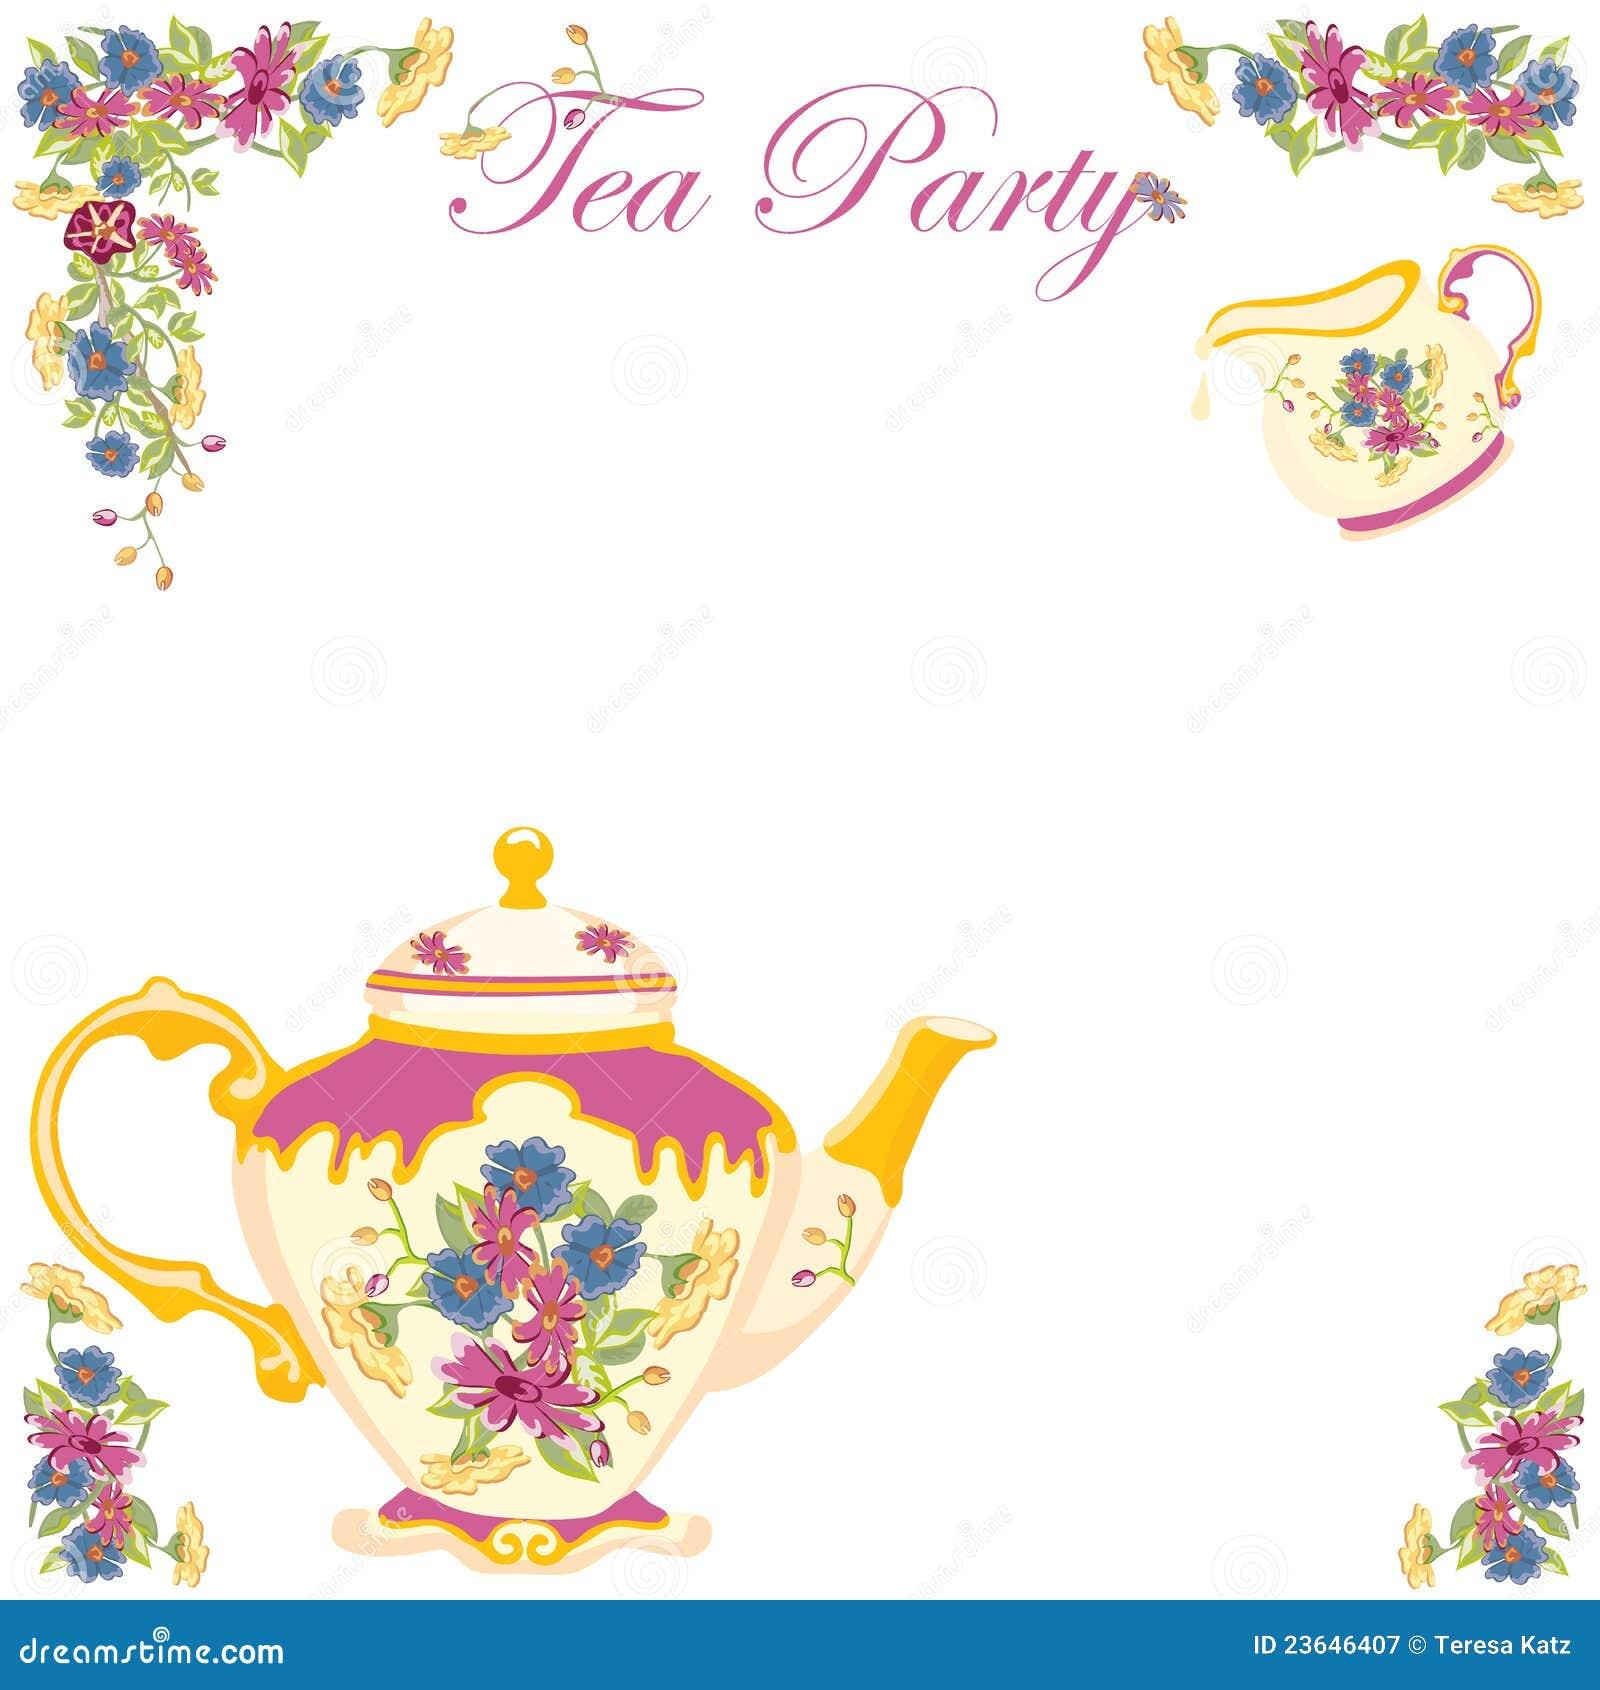 viktorianische tee-potenziometer-tee-party-einladung lizenzfreie, Einladung